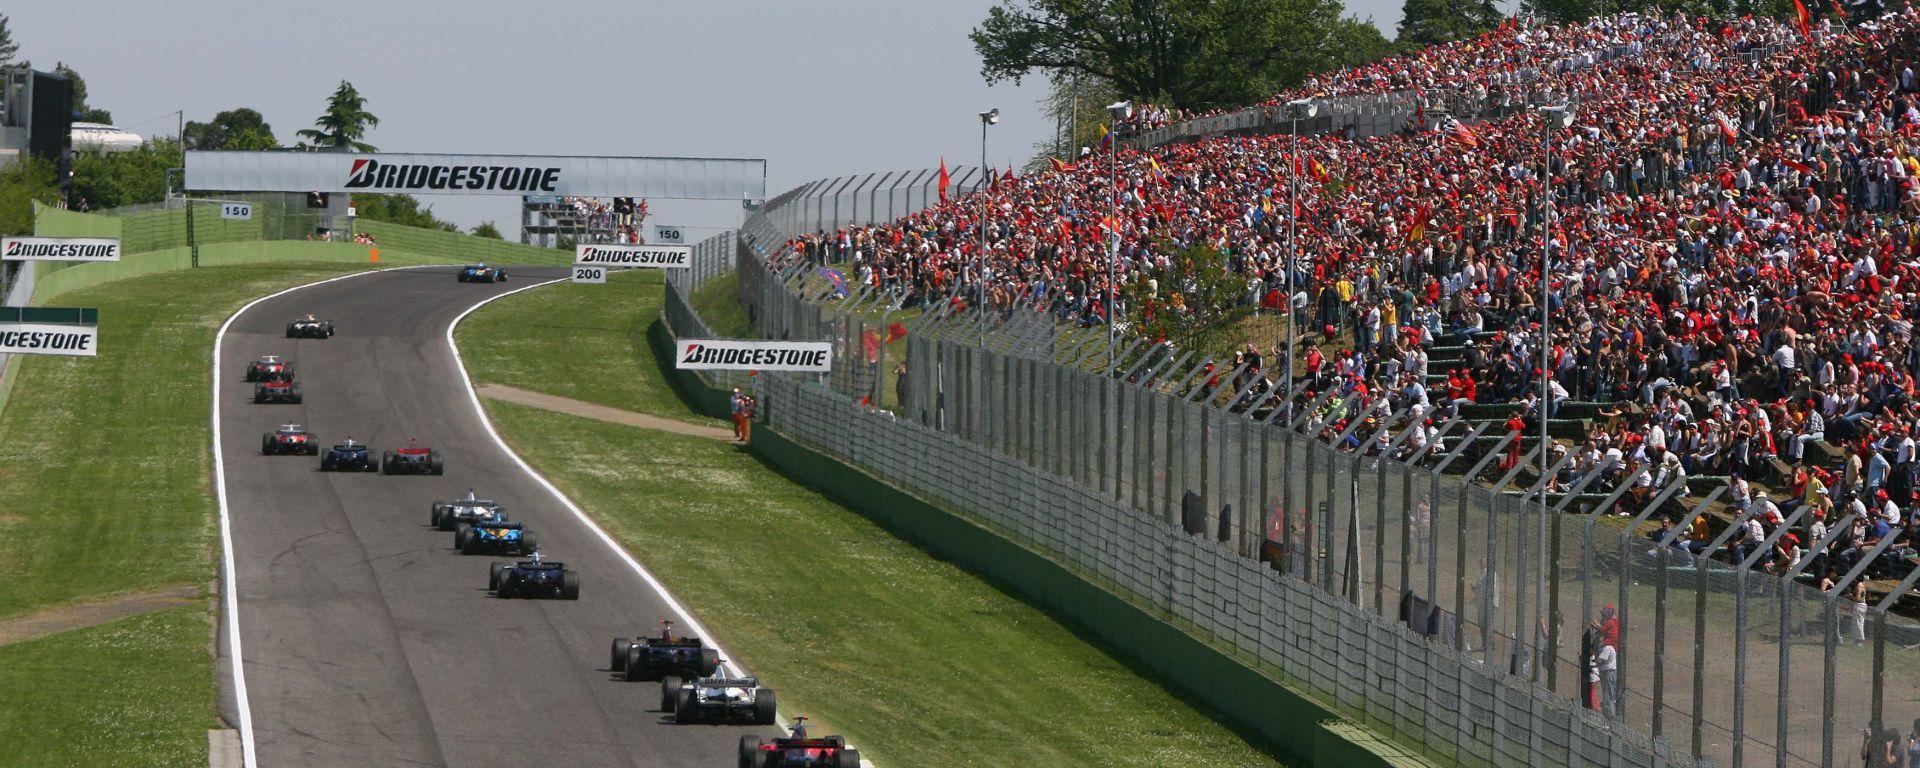 F1 GP San Marino 2006, Imola: la partenza della gara e il pubblico numeroso alla Tosa